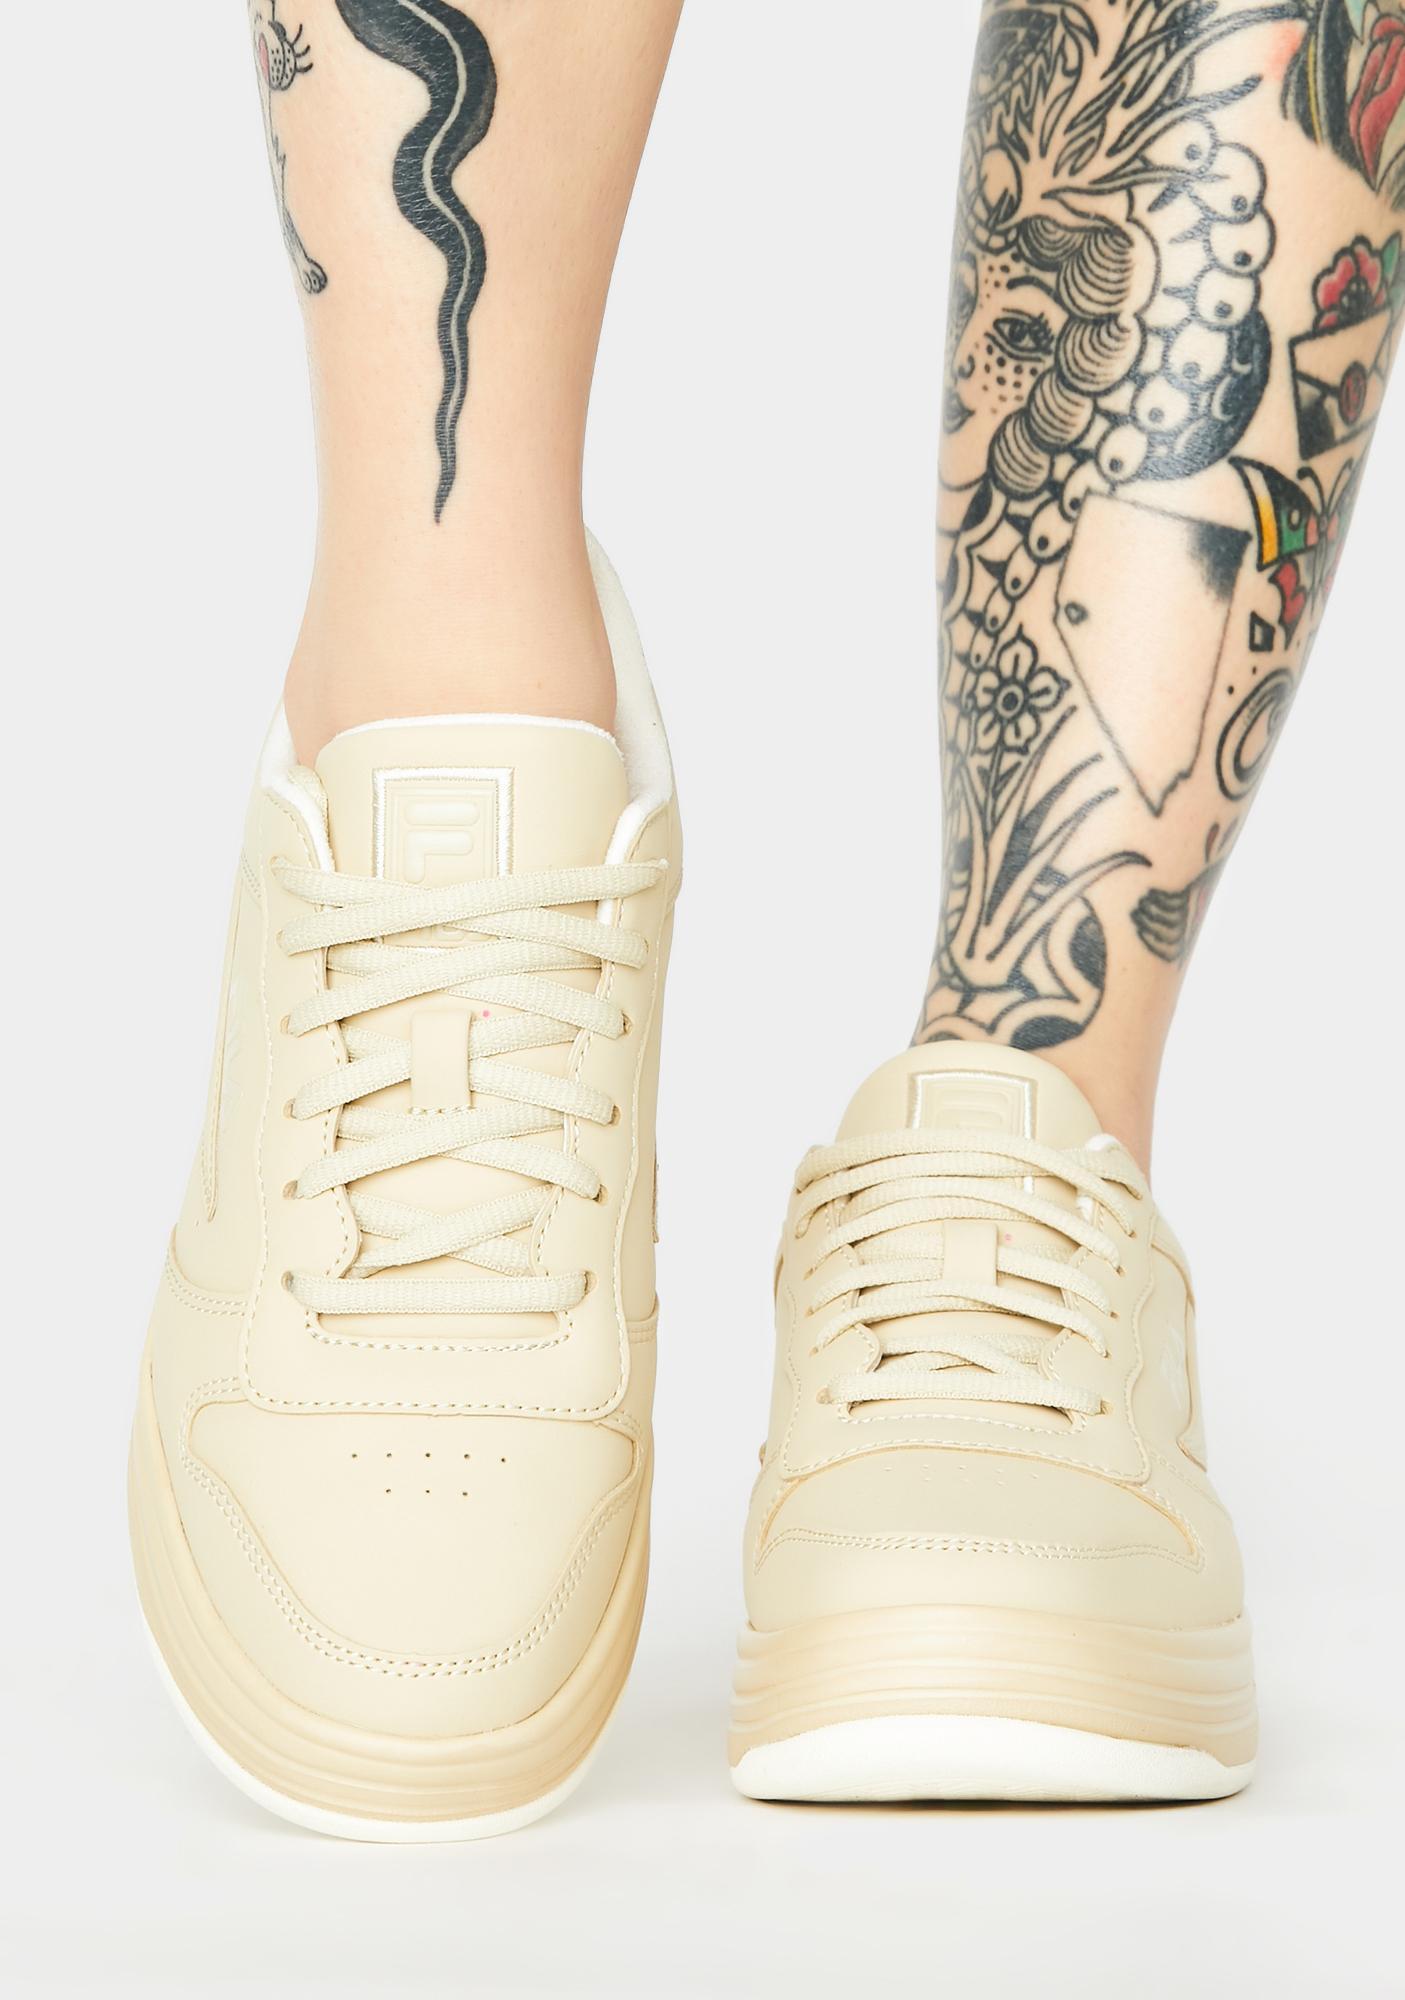 Fila Nude WX 100 Classic Sneakers